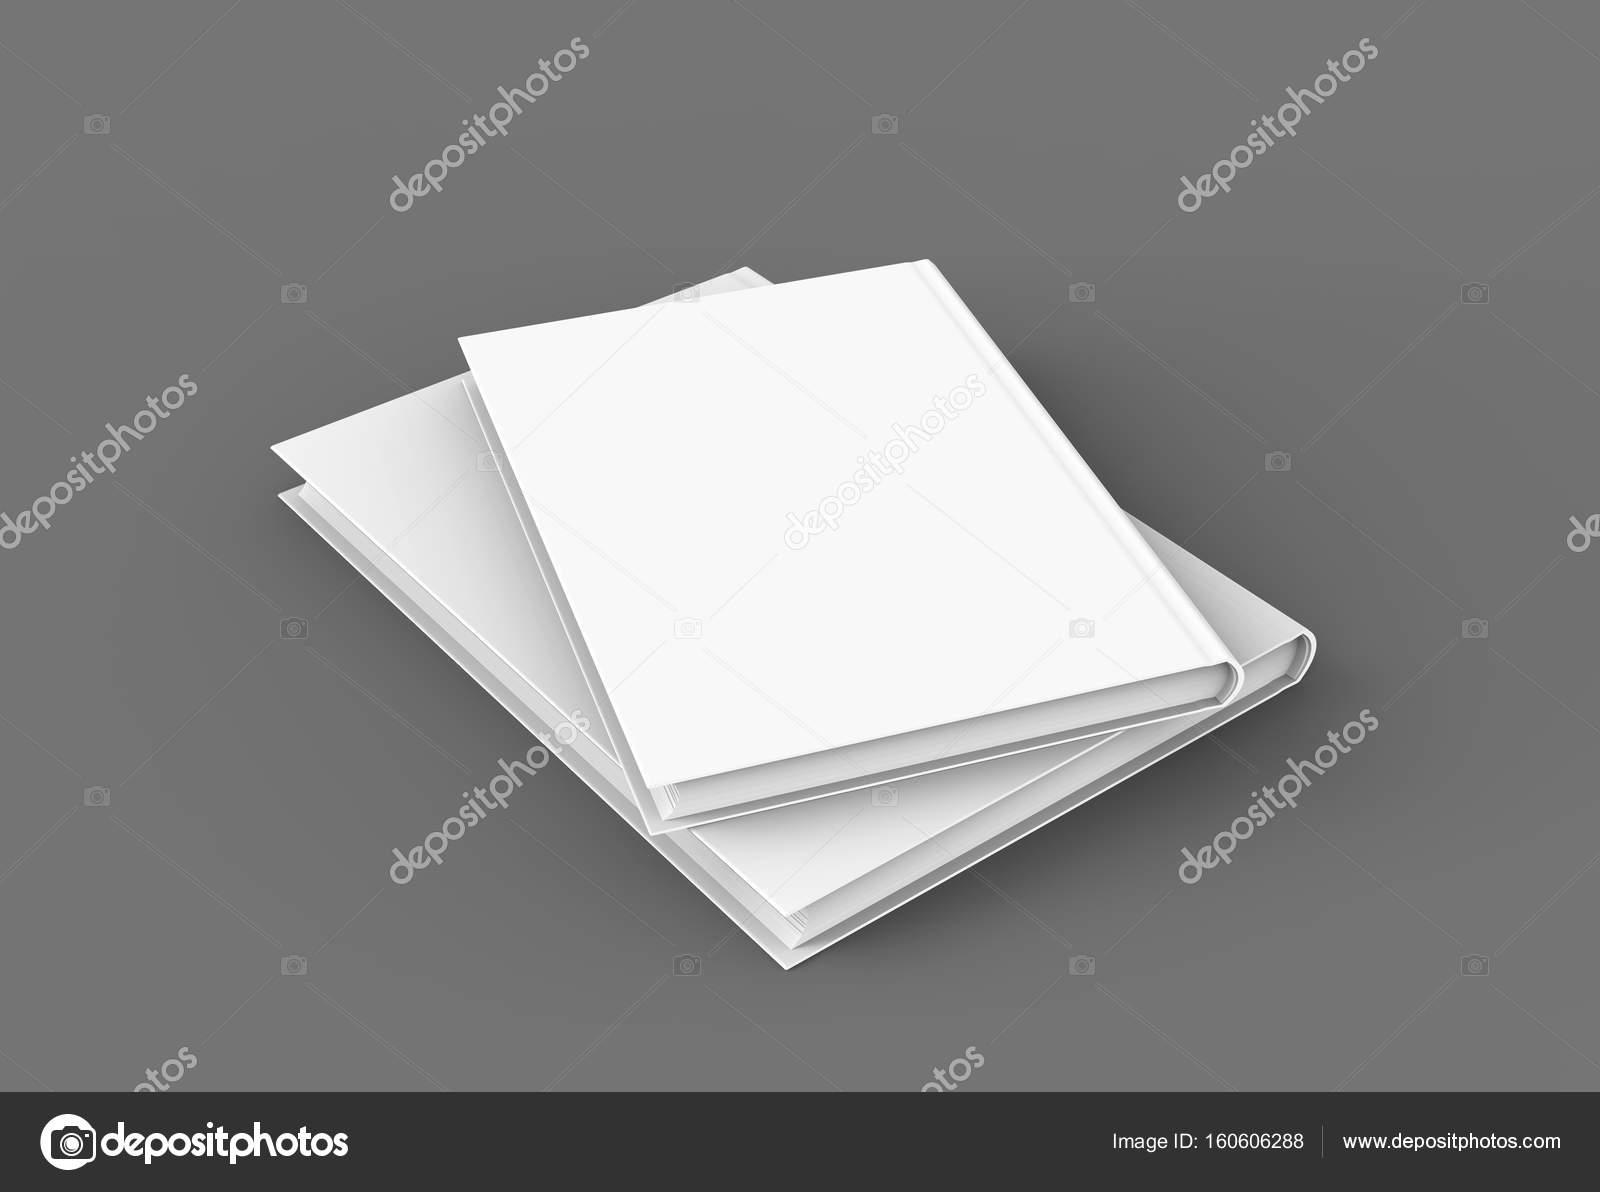 Hardcover-Bücher-Vorlage — Stockfoto © kchungtw #160606288